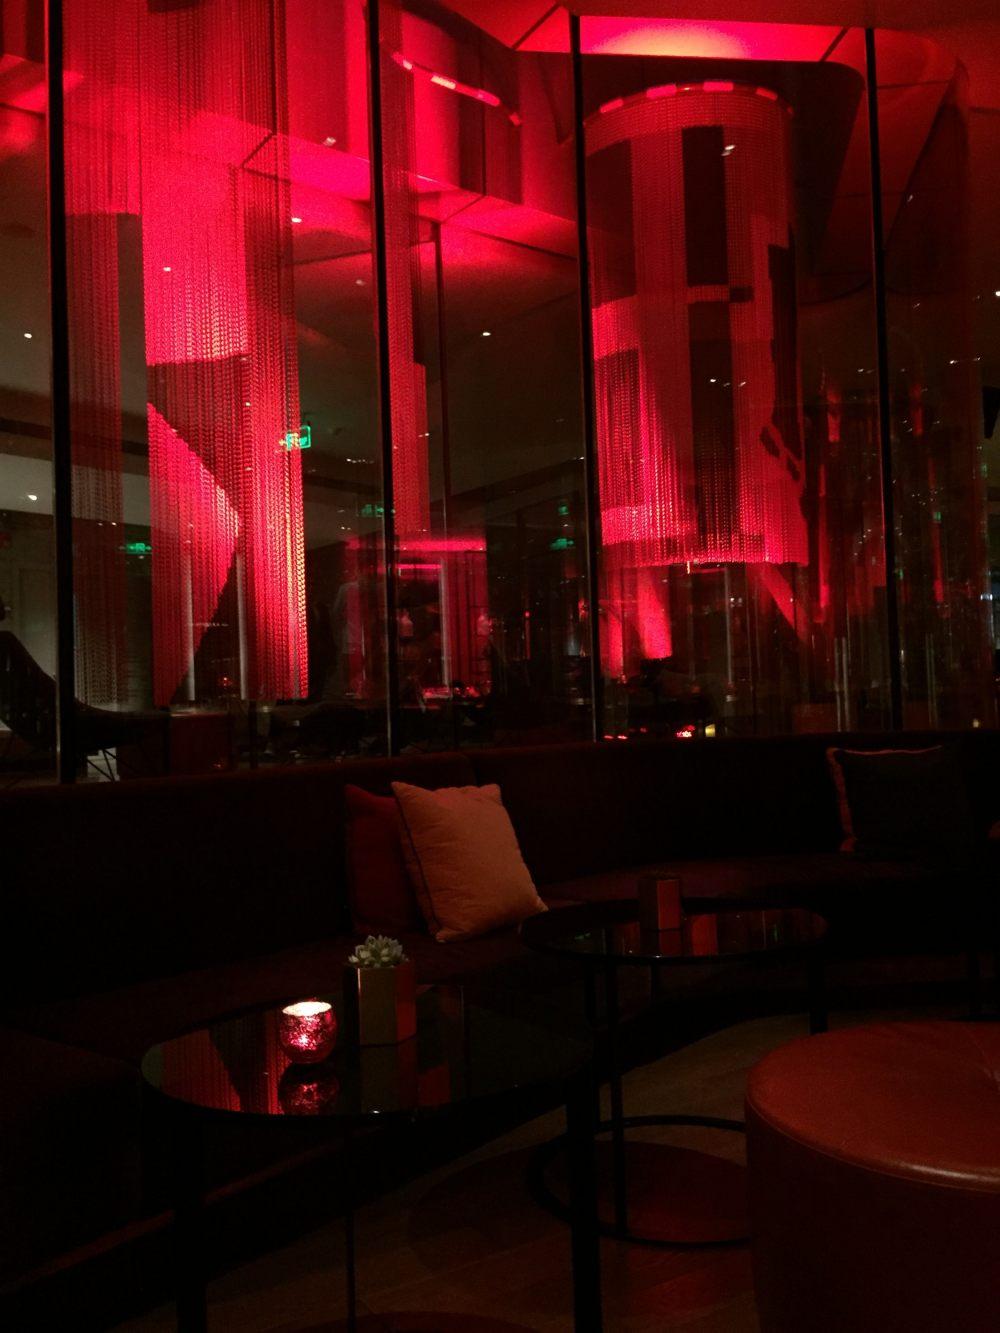 上海外滩W酒店,史上最全入住体验 自拍分享,申请置...._IMG_5923.JPG